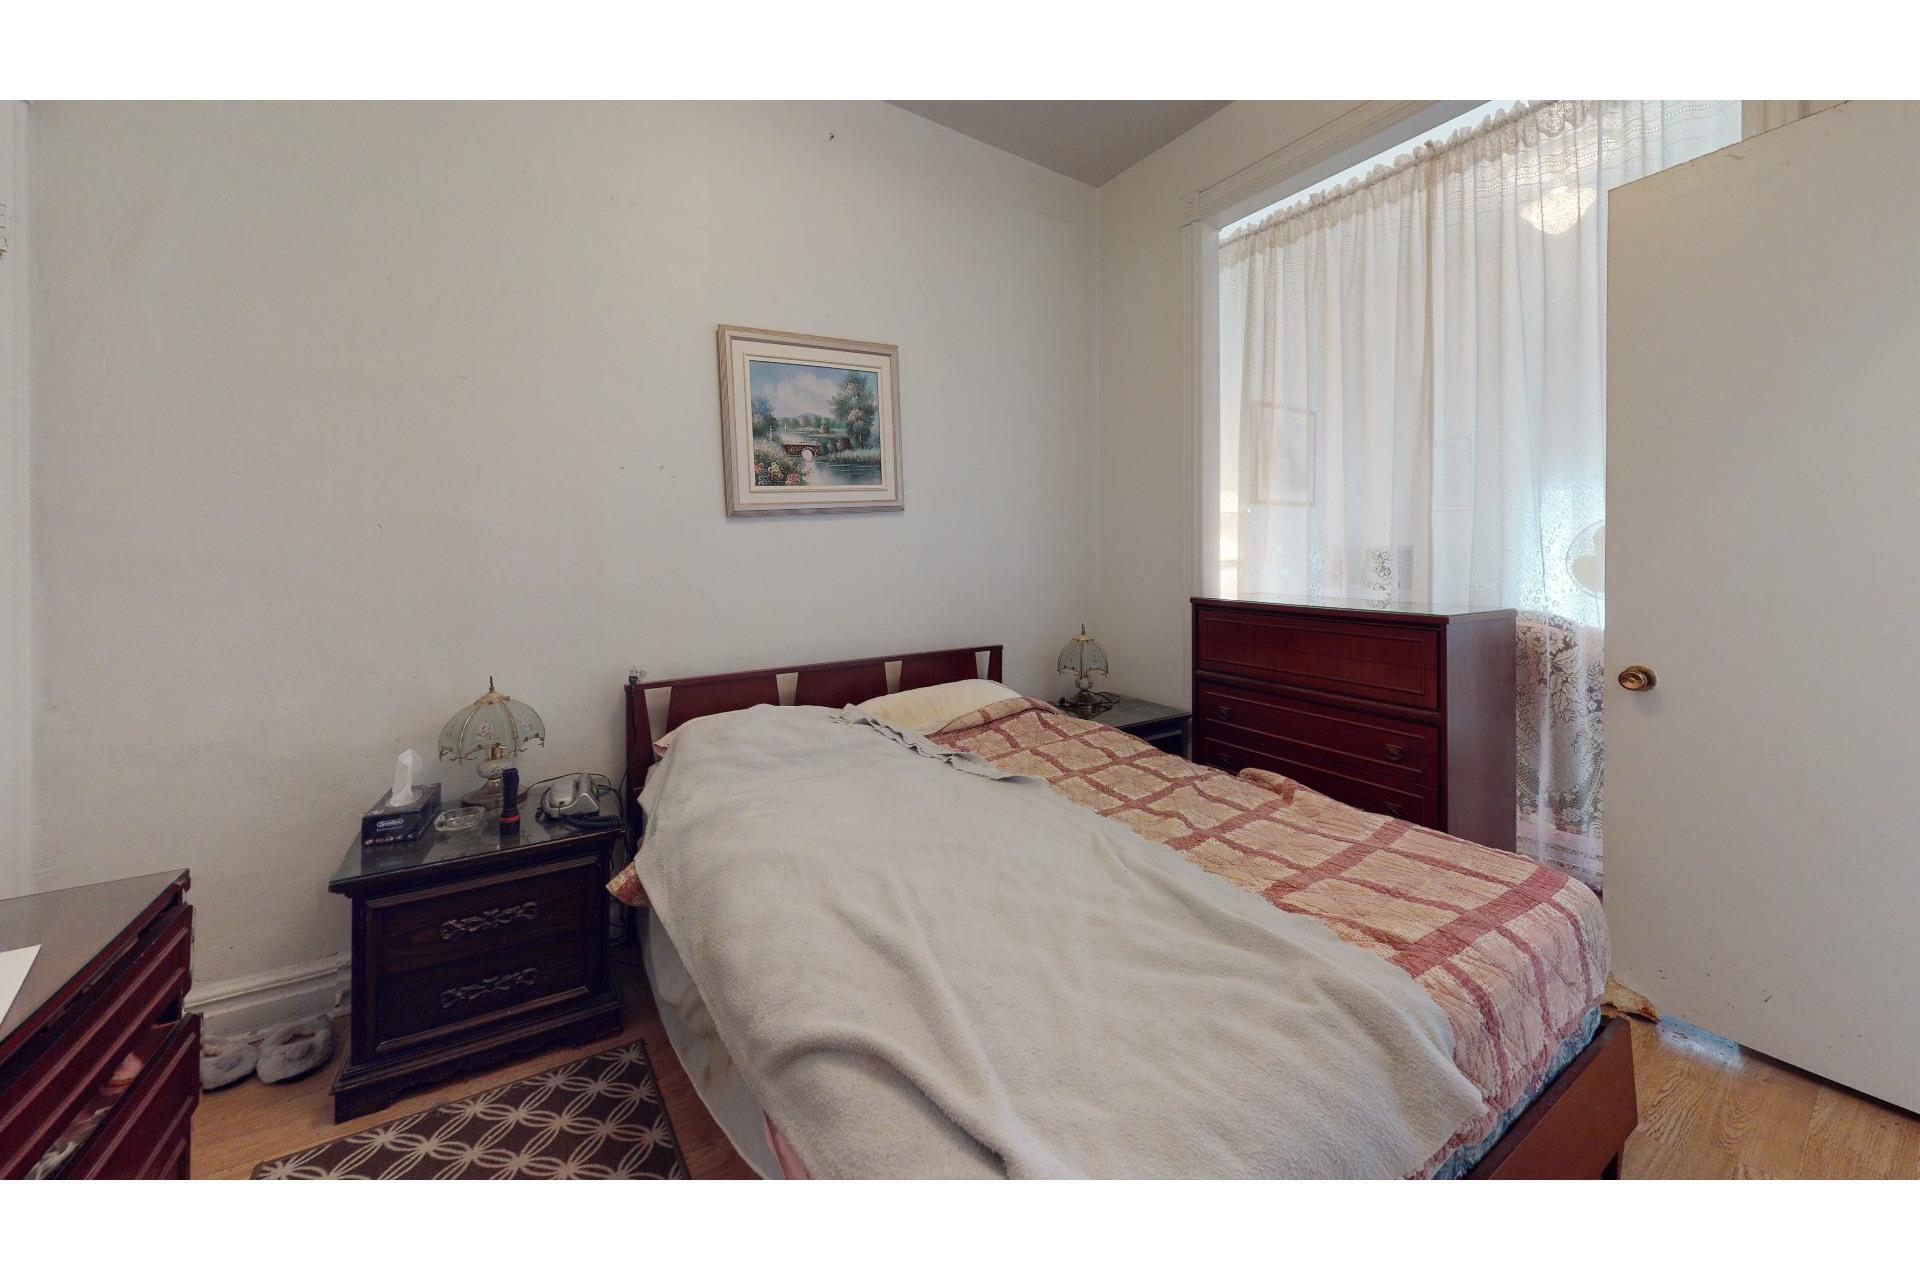 image 26 - Duplex À vendre Rosemont/La Petite-Patrie Montréal  - 4 pièces